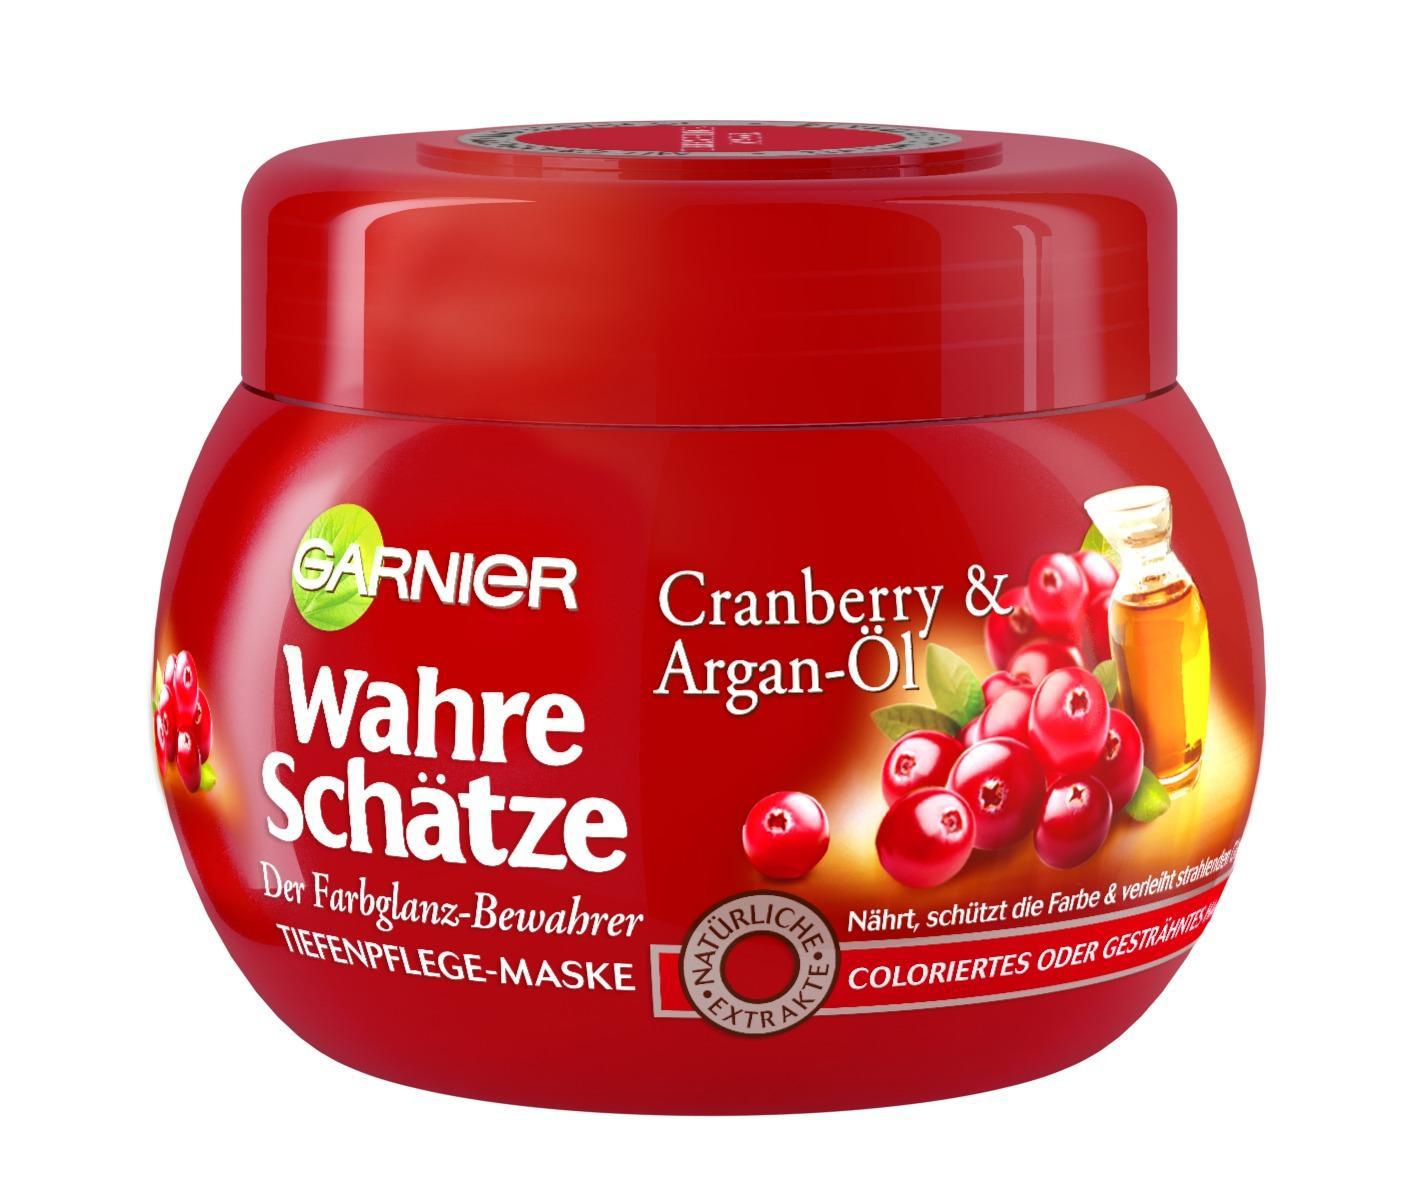 garnier wahre schà tze haar maske mit argan à l cranberry extrakt